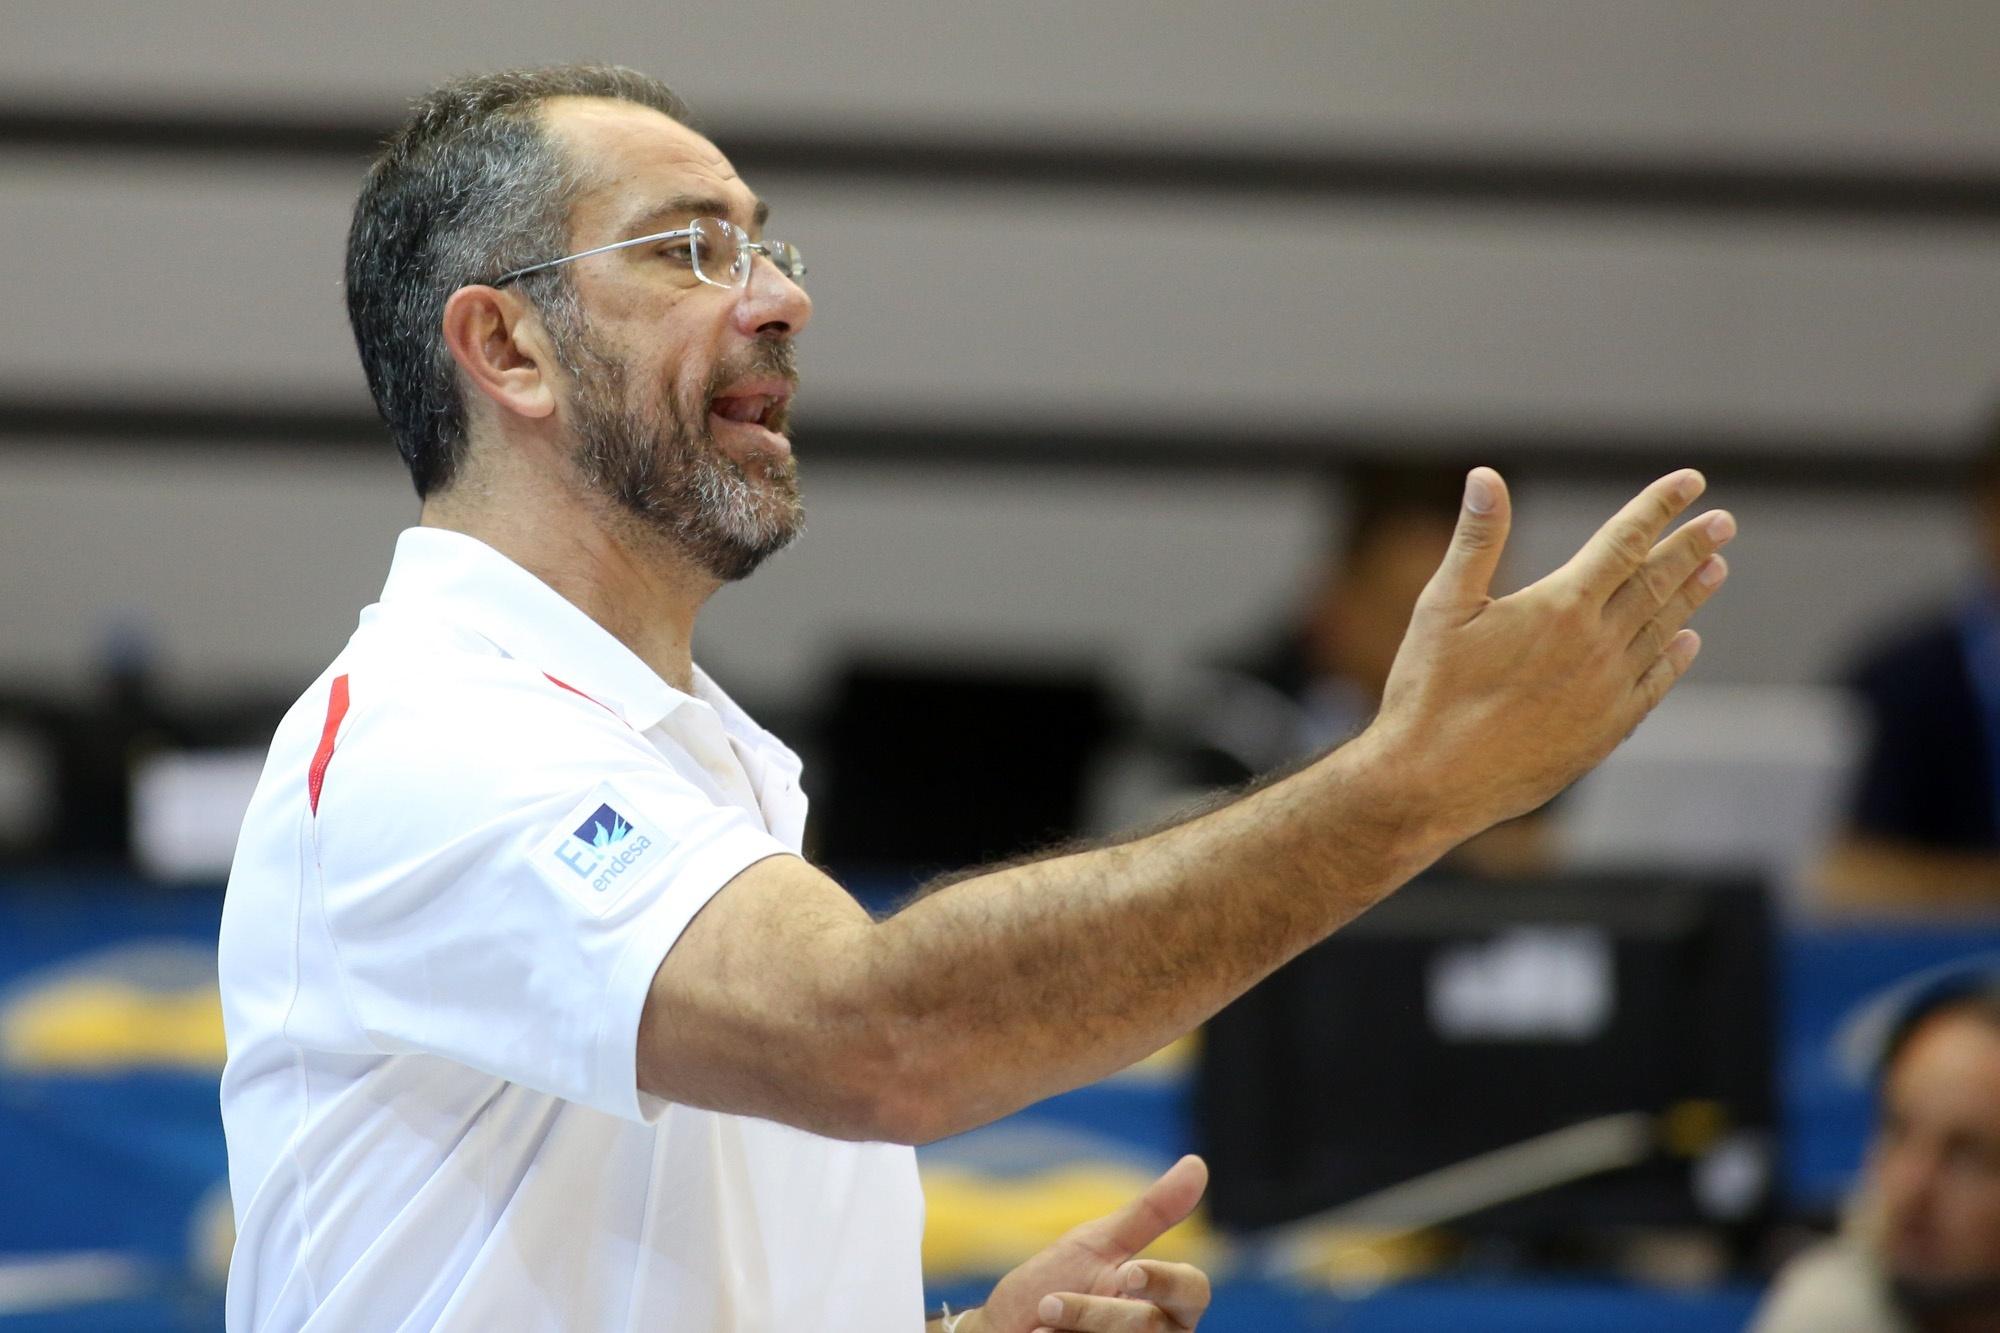 Orenga quiere que los jugadores se concentren en Grecia, no en Spanoulis